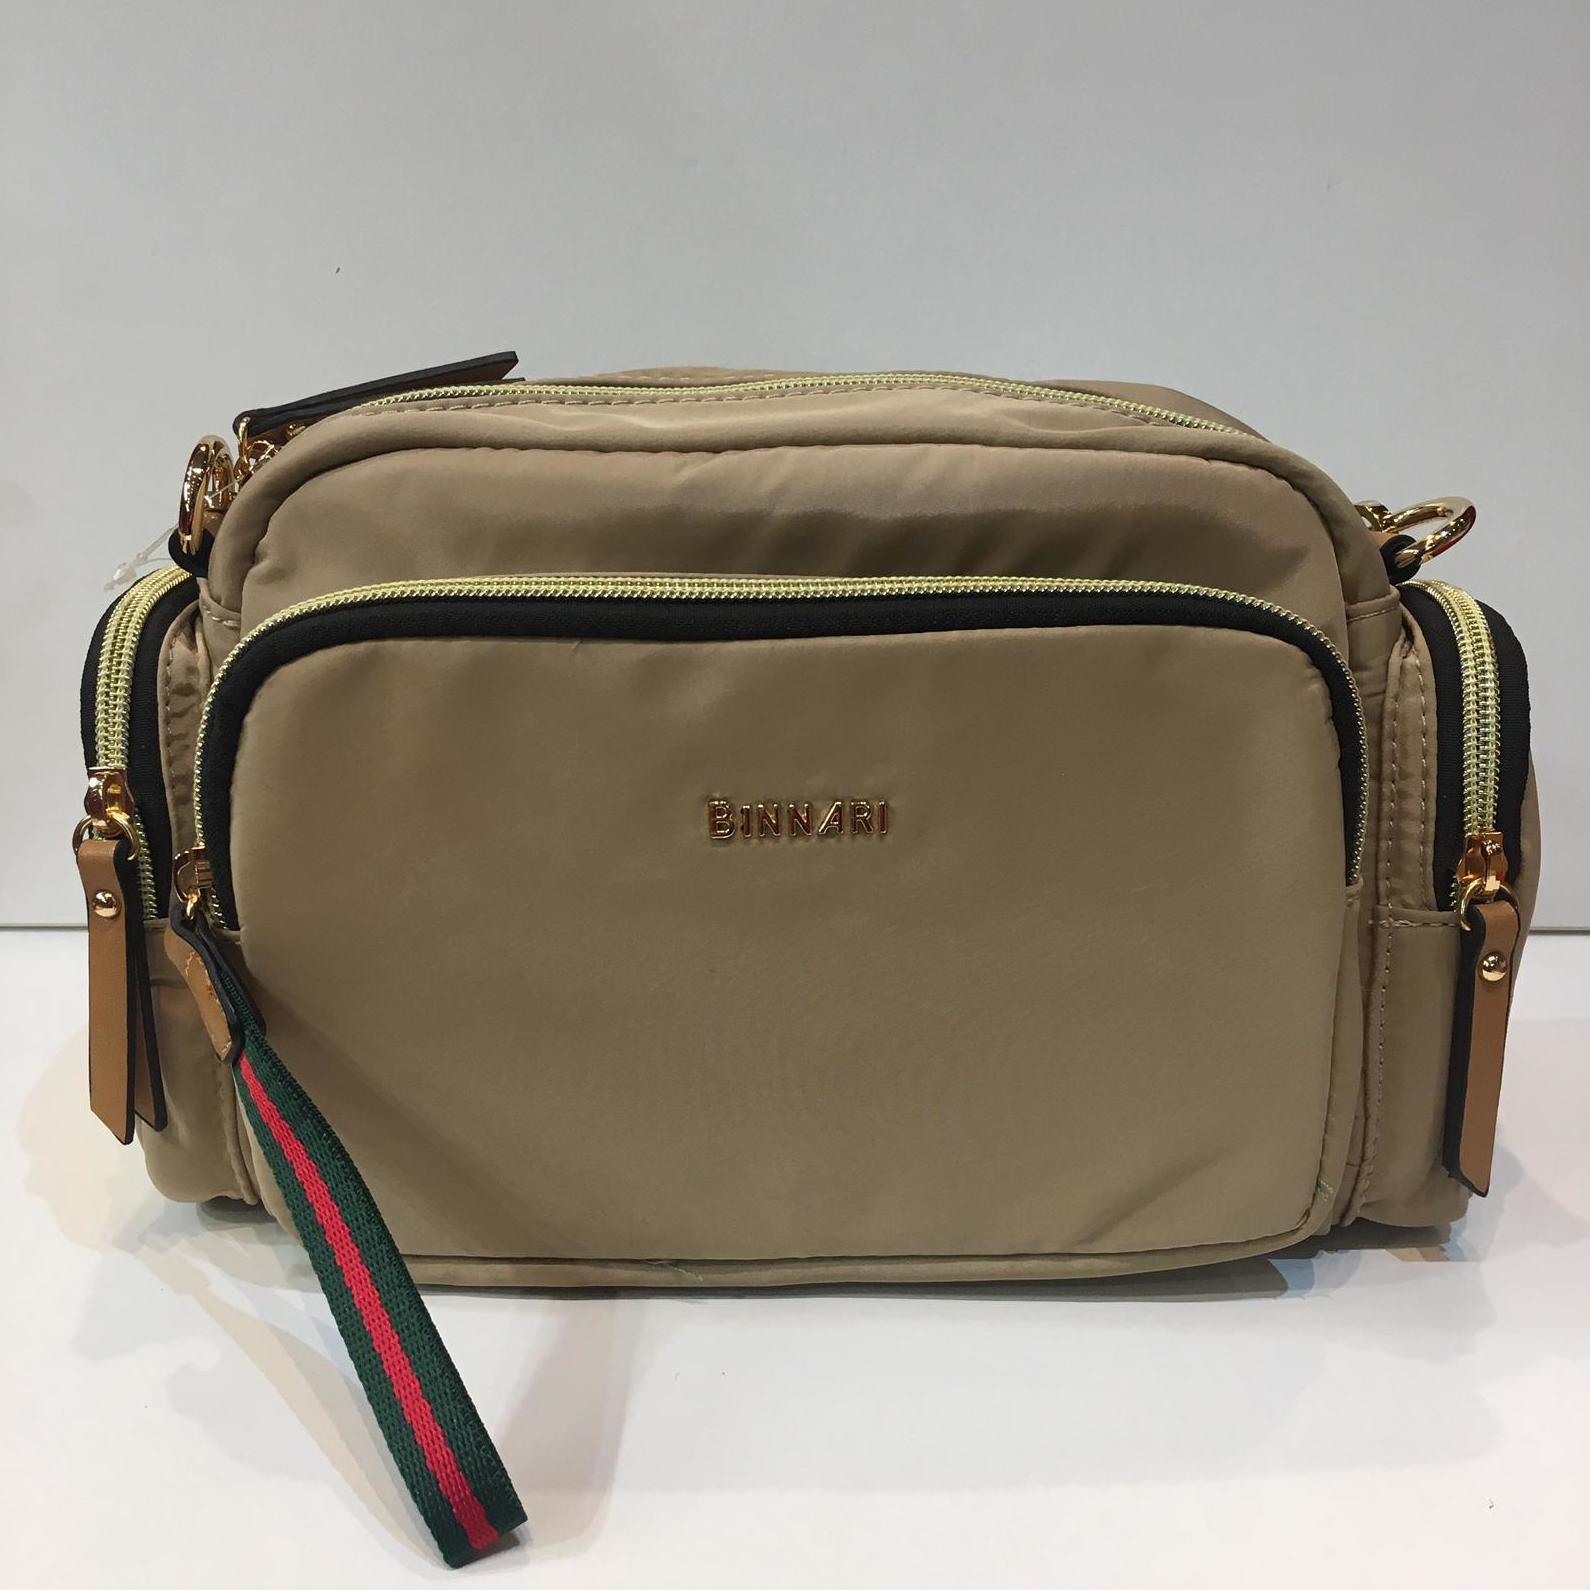 Bossa de la marca Binnari,, amb moltes butxaques organitzadores, mida petita/mitjana, amb tira llarga adaptable a totes les mides 36.50€